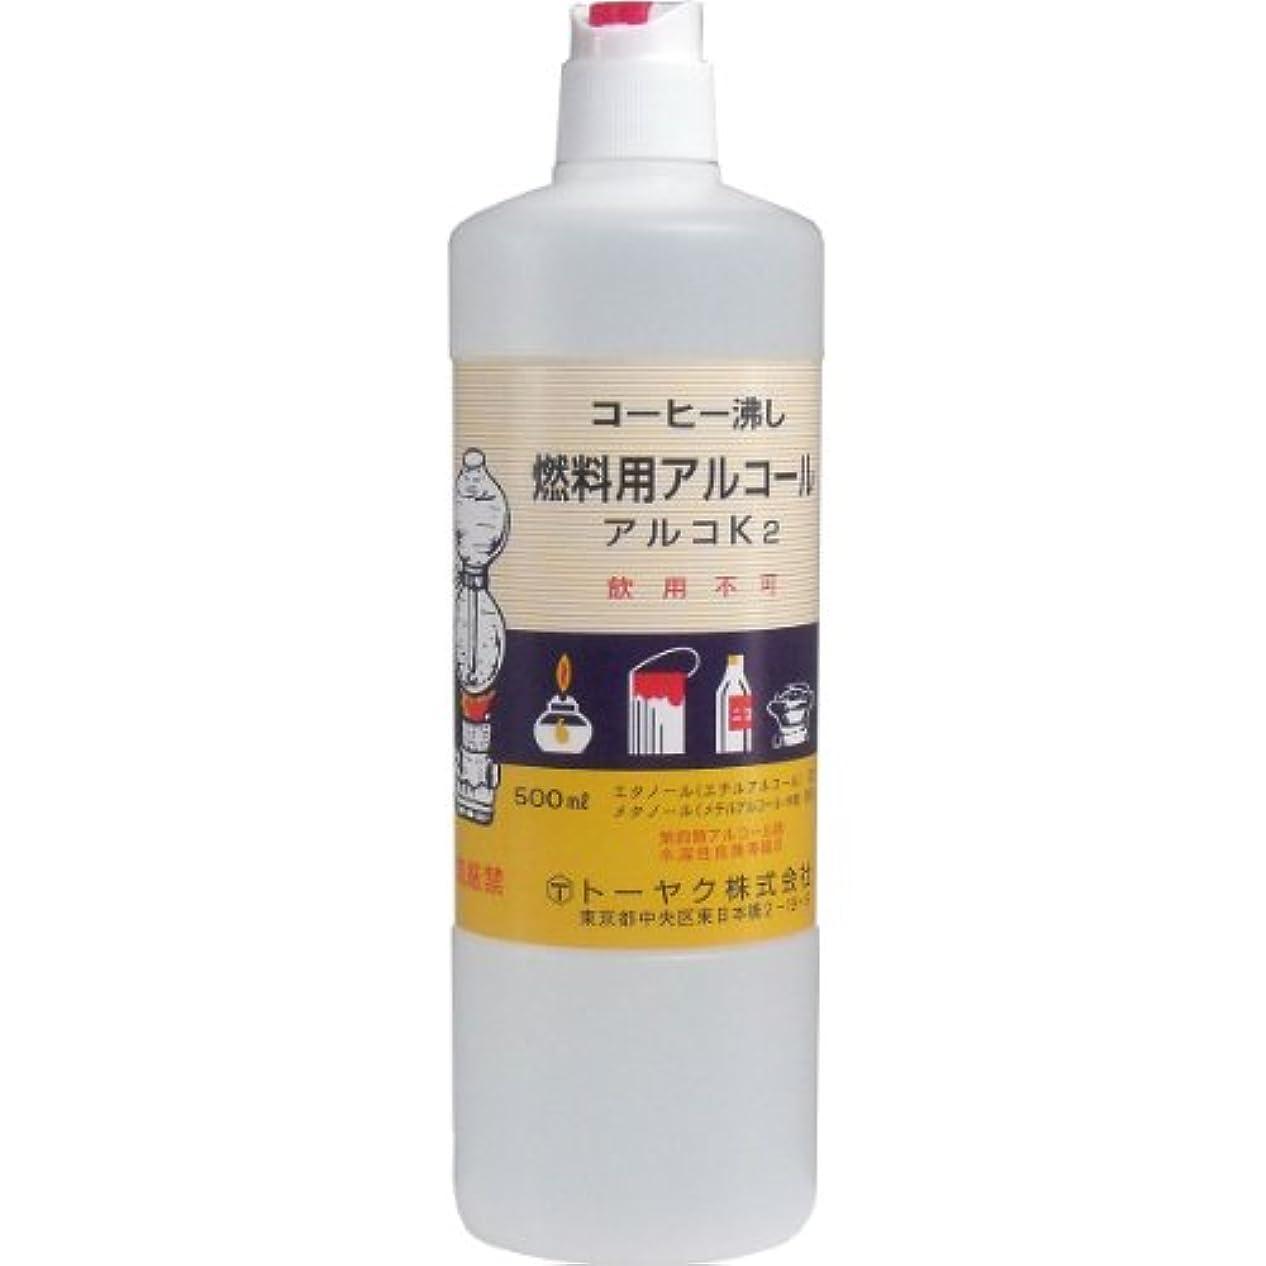 コンペ楽しいとげのある燃料用アルコール アルコK2 ×3個セット